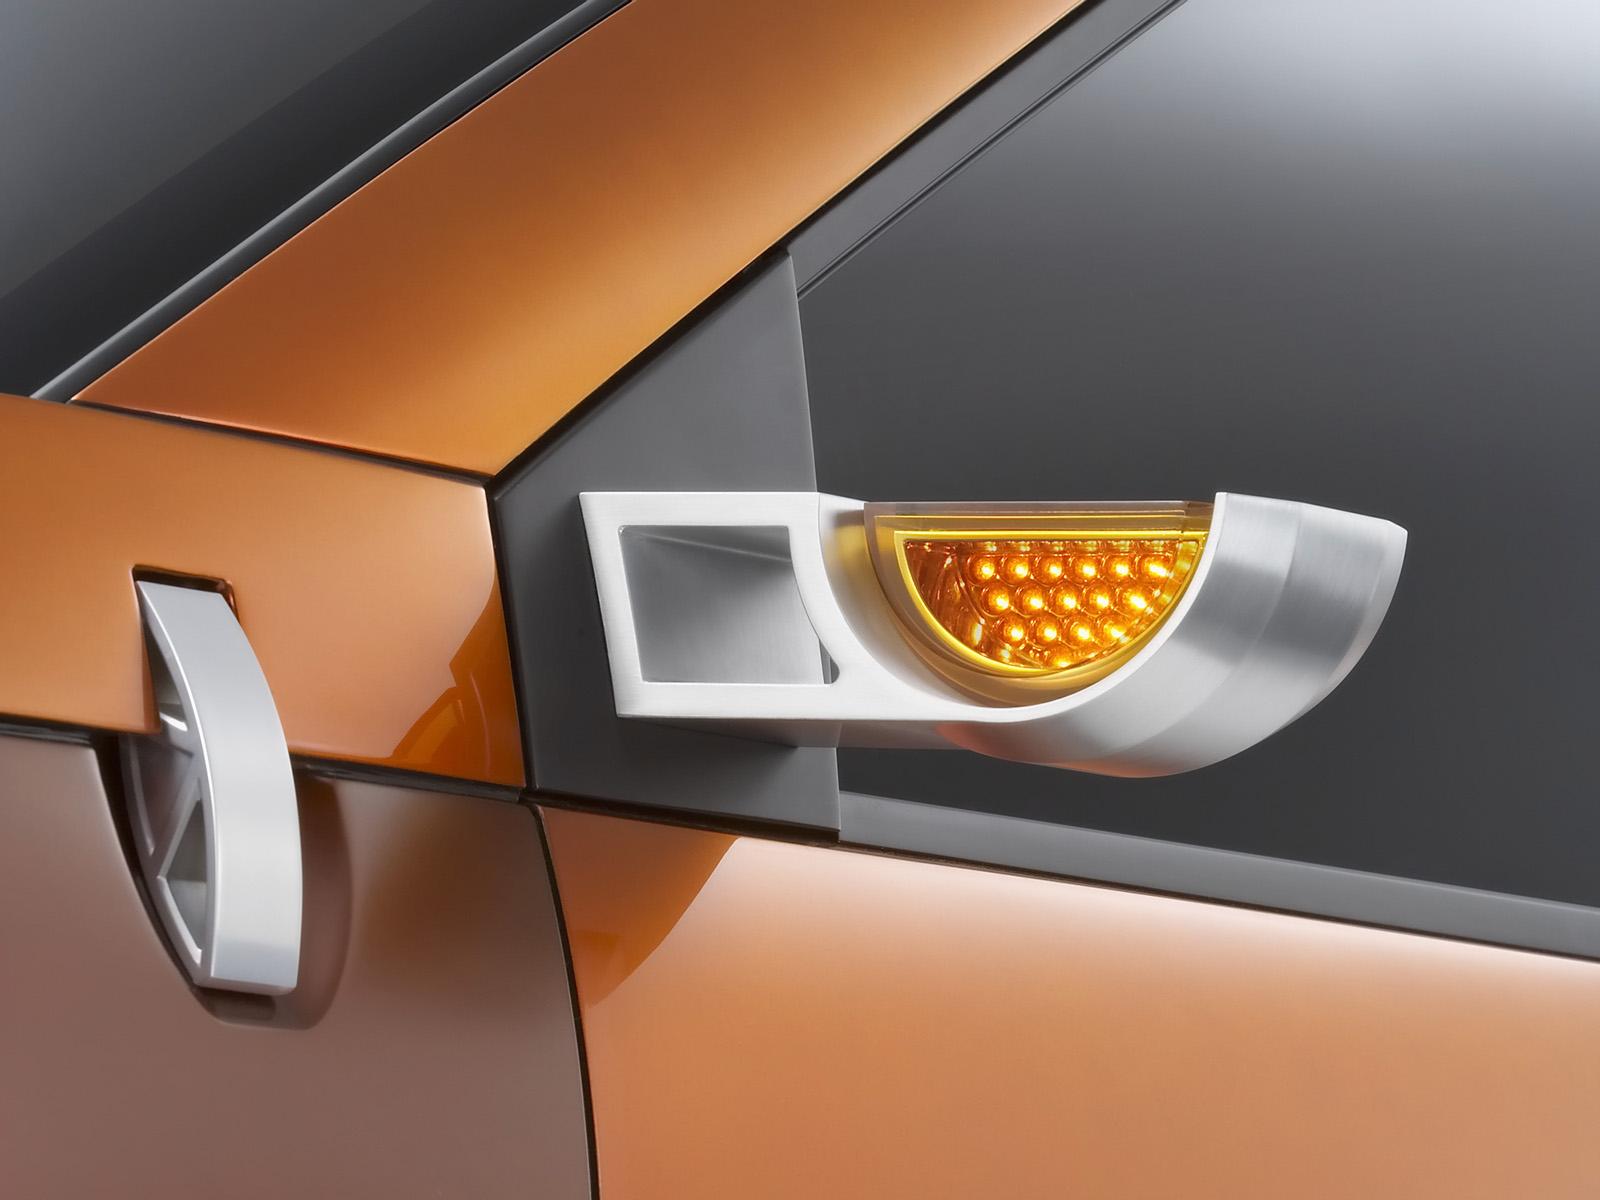 Yeni Aveo Sedan 1.2 LS (Boracay Mavi)